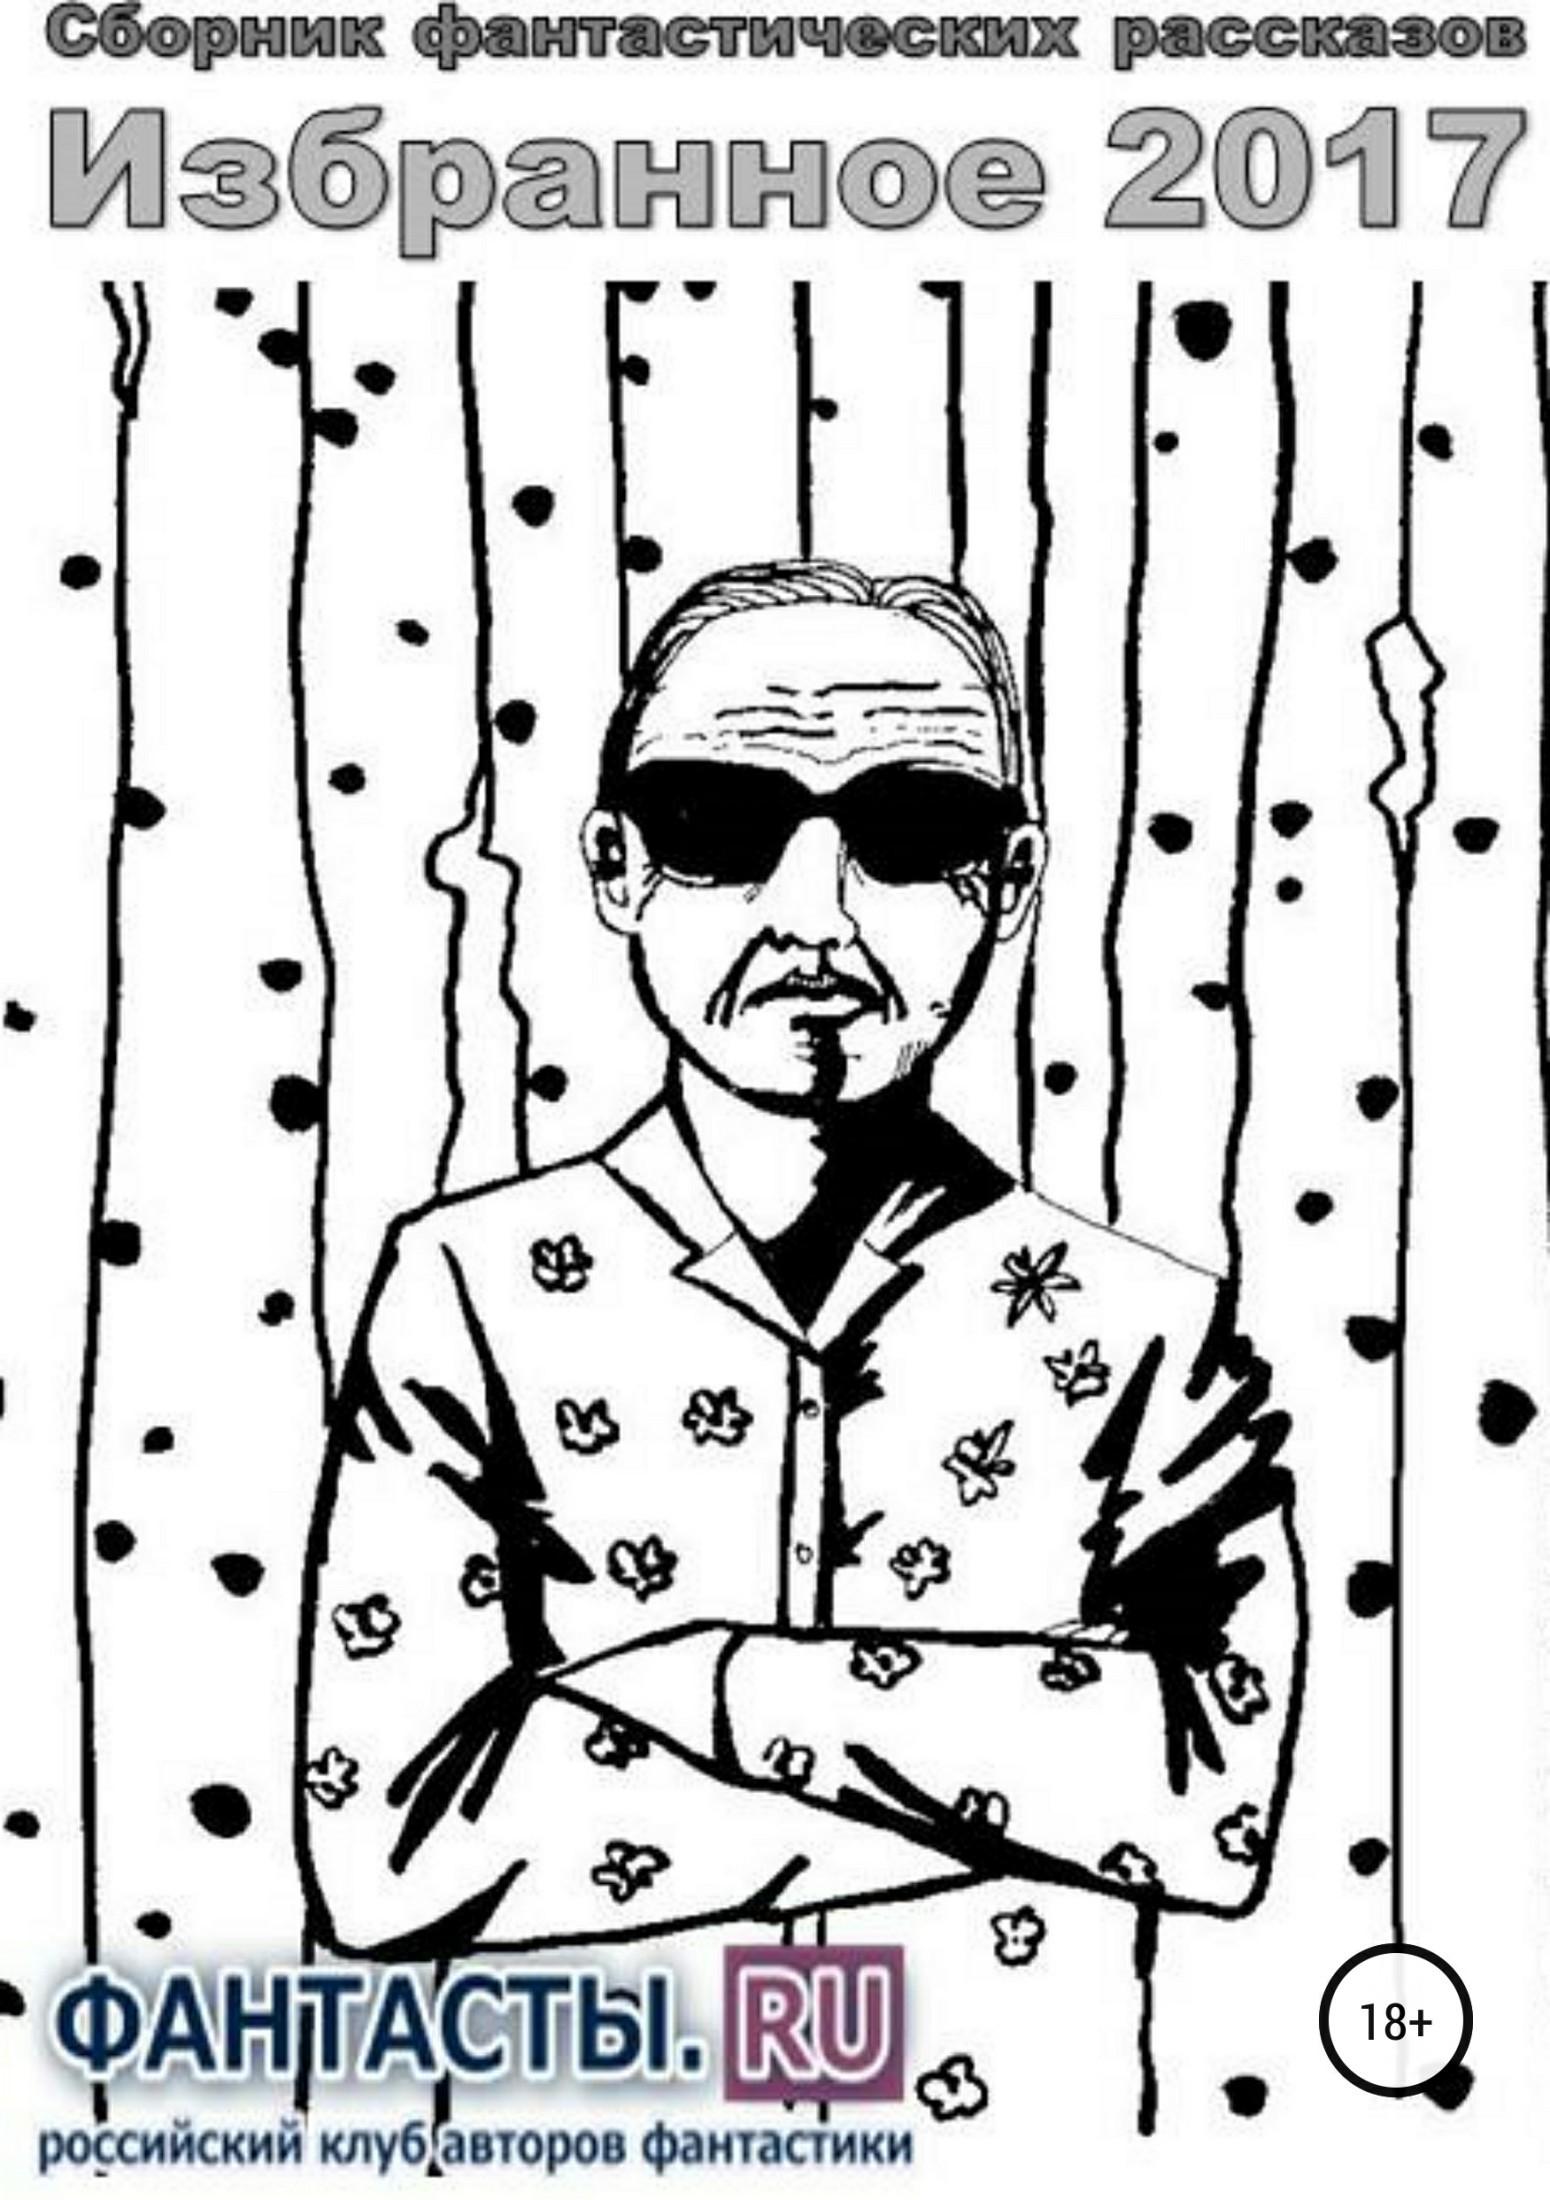 Роман Александрович Арилин Избранное 2017. Сборник рассказов блок александр александрович незнакомка двенадцать избранные произведения